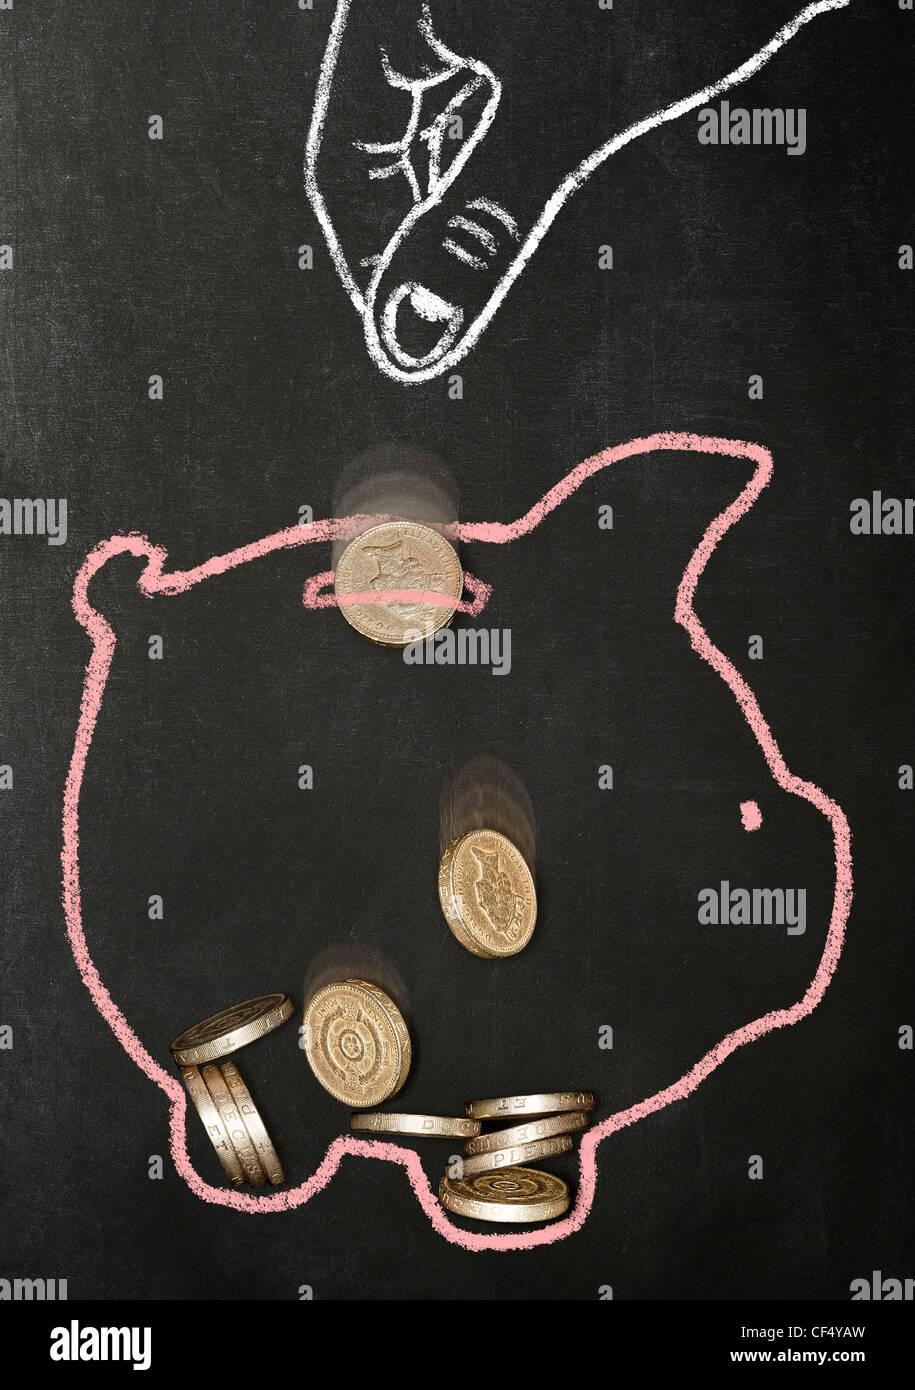 Dessiné à la craie part l'abandon du vrai livre des pièces de monnaie dans une tirelire dessiné Photo Stock